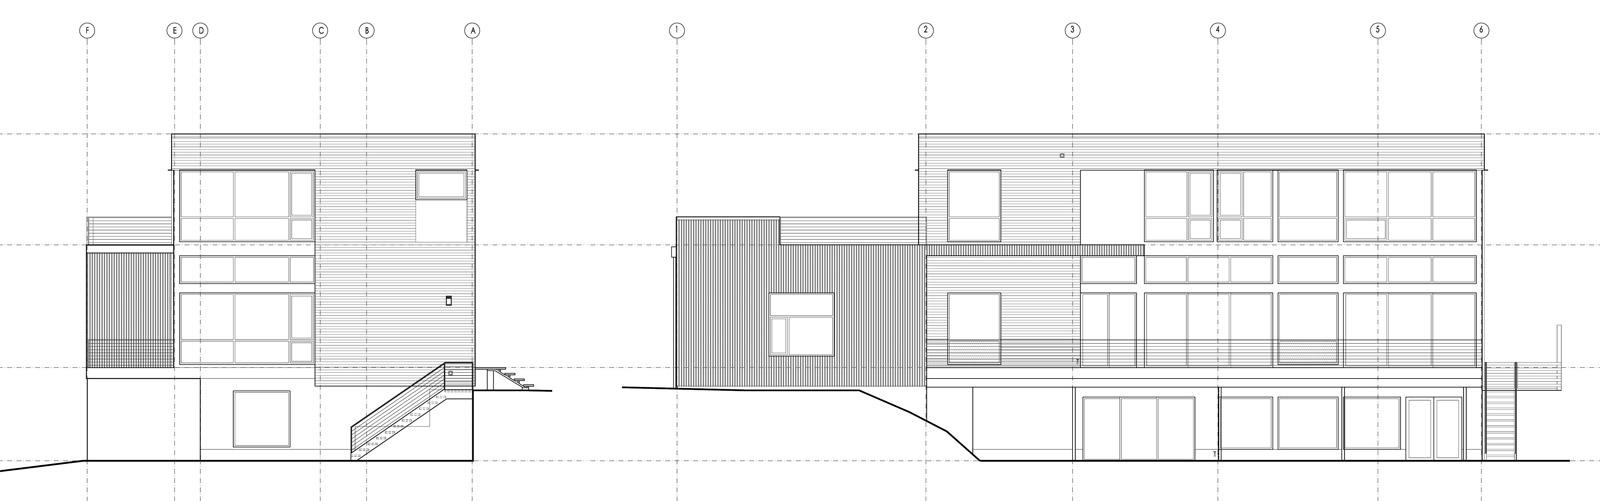 BUILD-LLC-Elevations-02